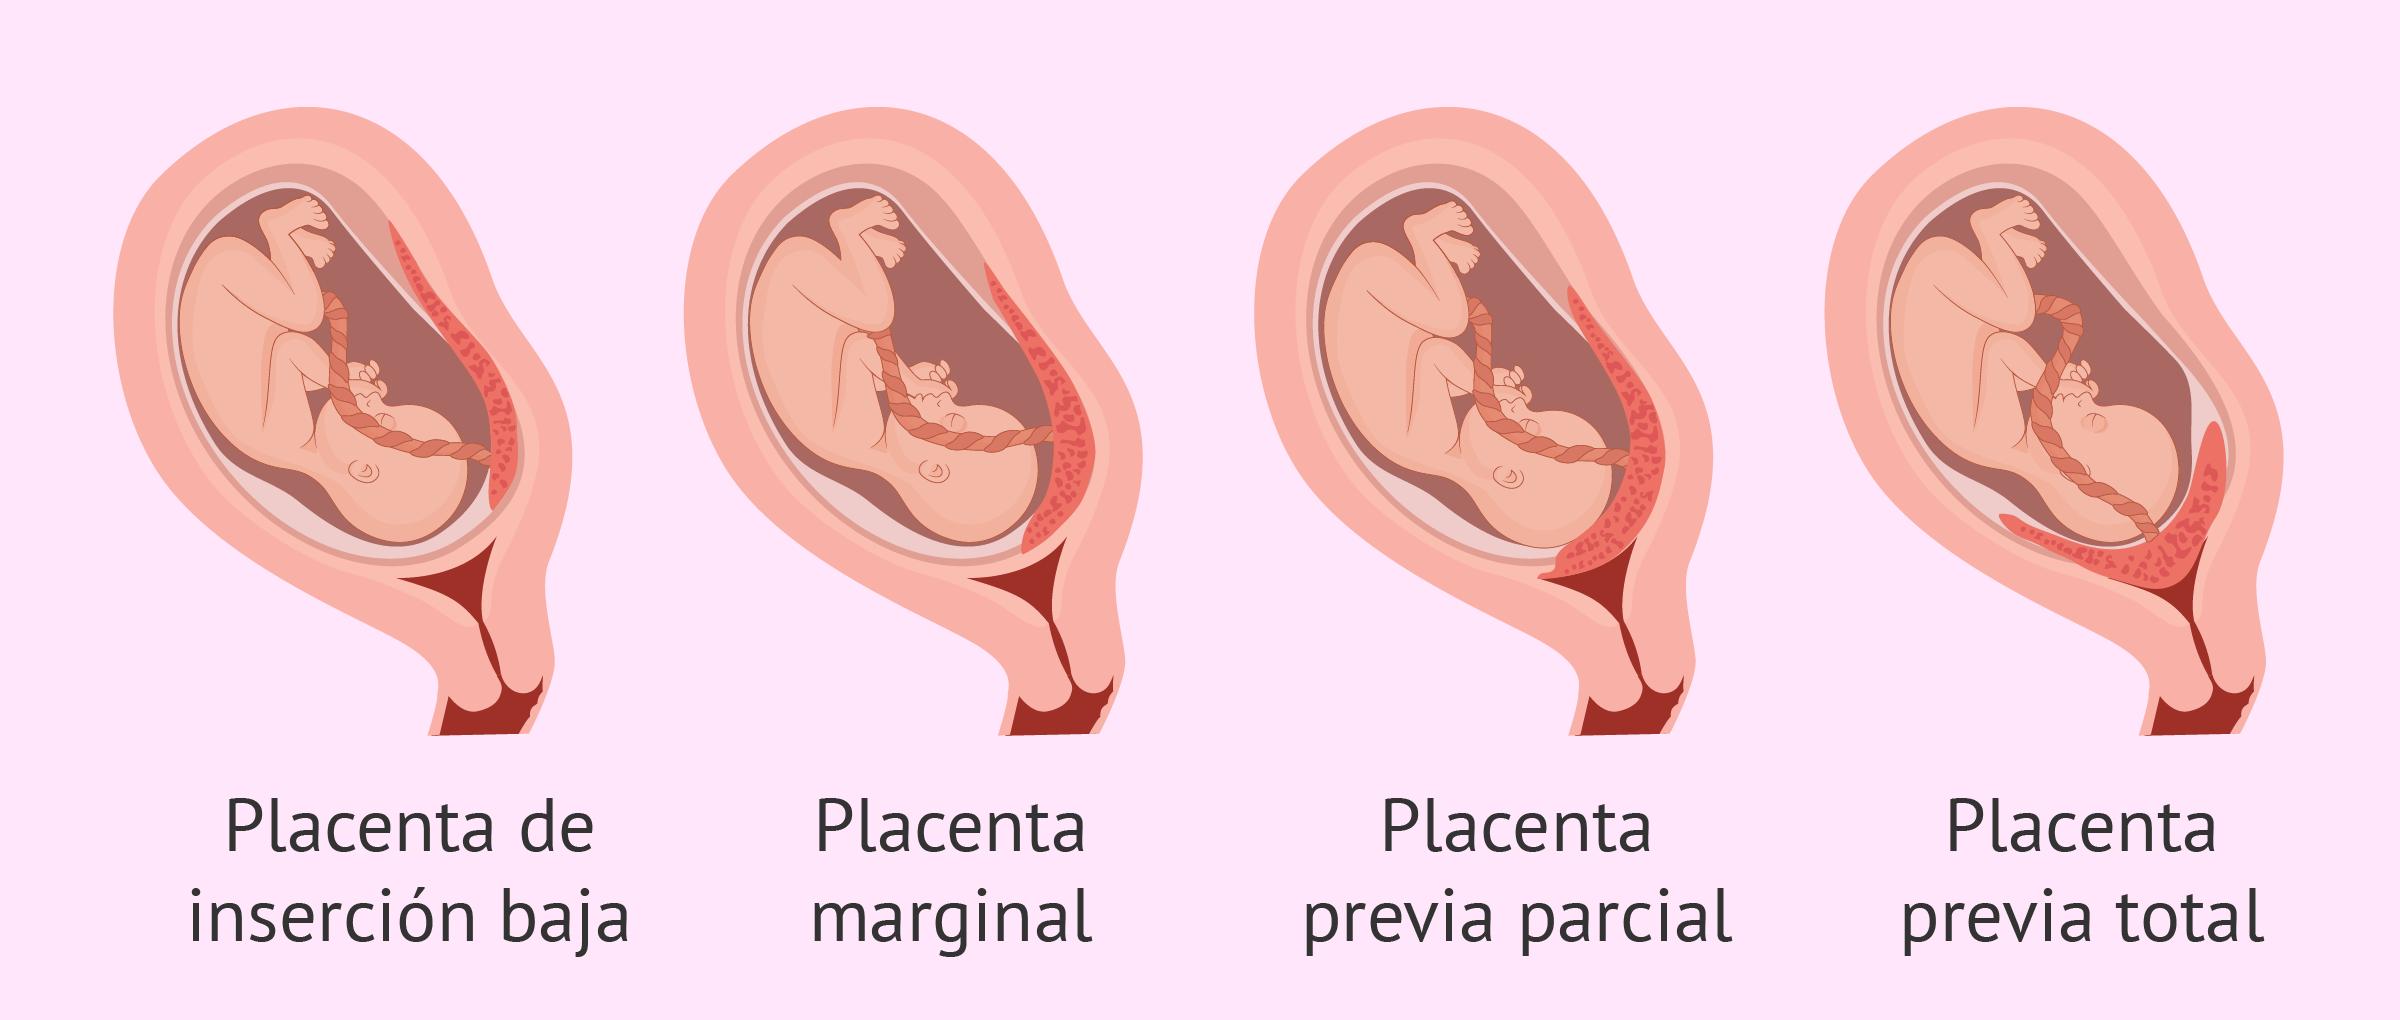 ¿Qué es la placenta previa? - Causas, diagnóstico y parto